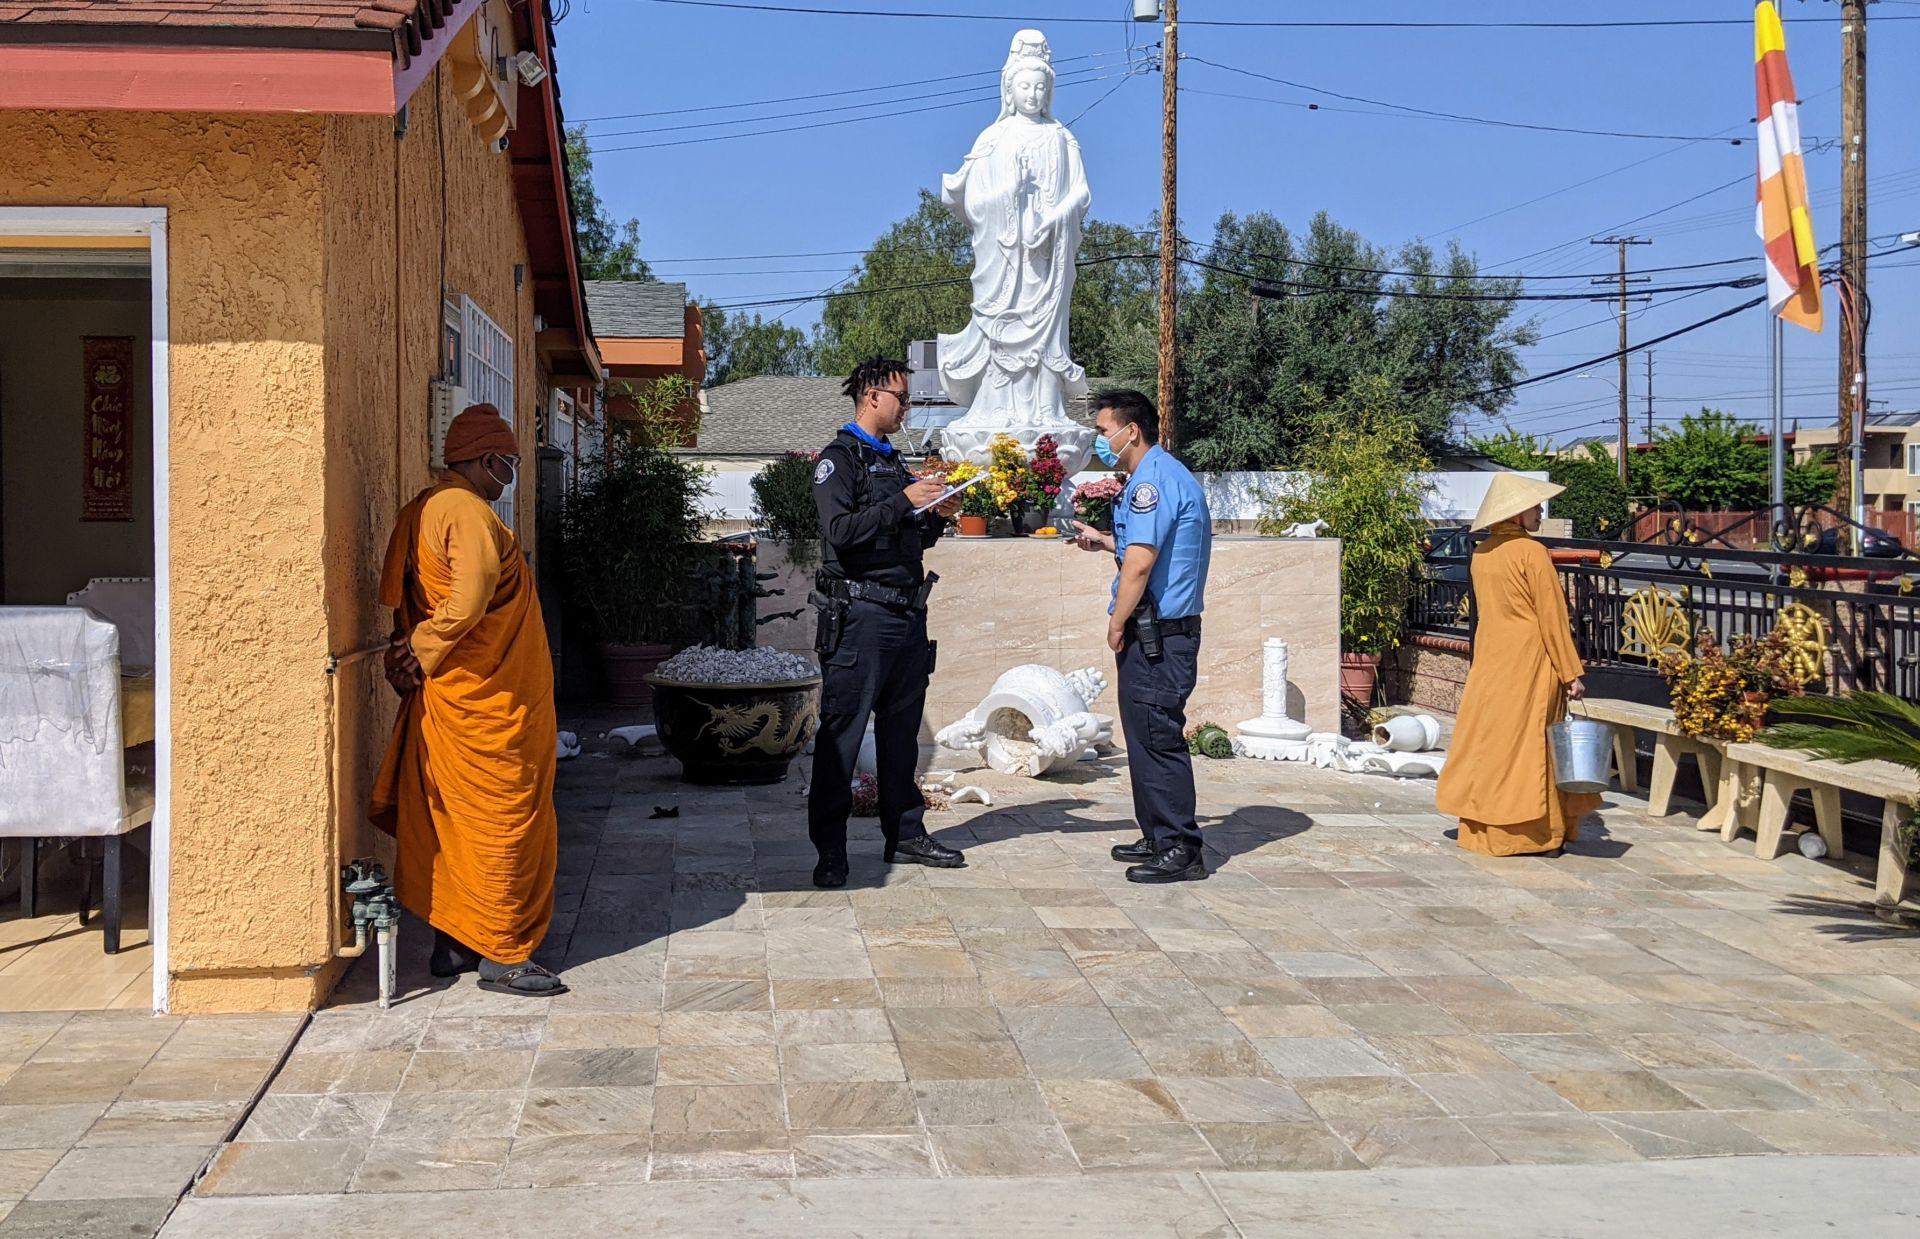 Nhiều chùa ở Little Saigon và Nam California bị trộm và đập phá DP-chua-Nam-CA-Little-Saigon-bi-trom-3